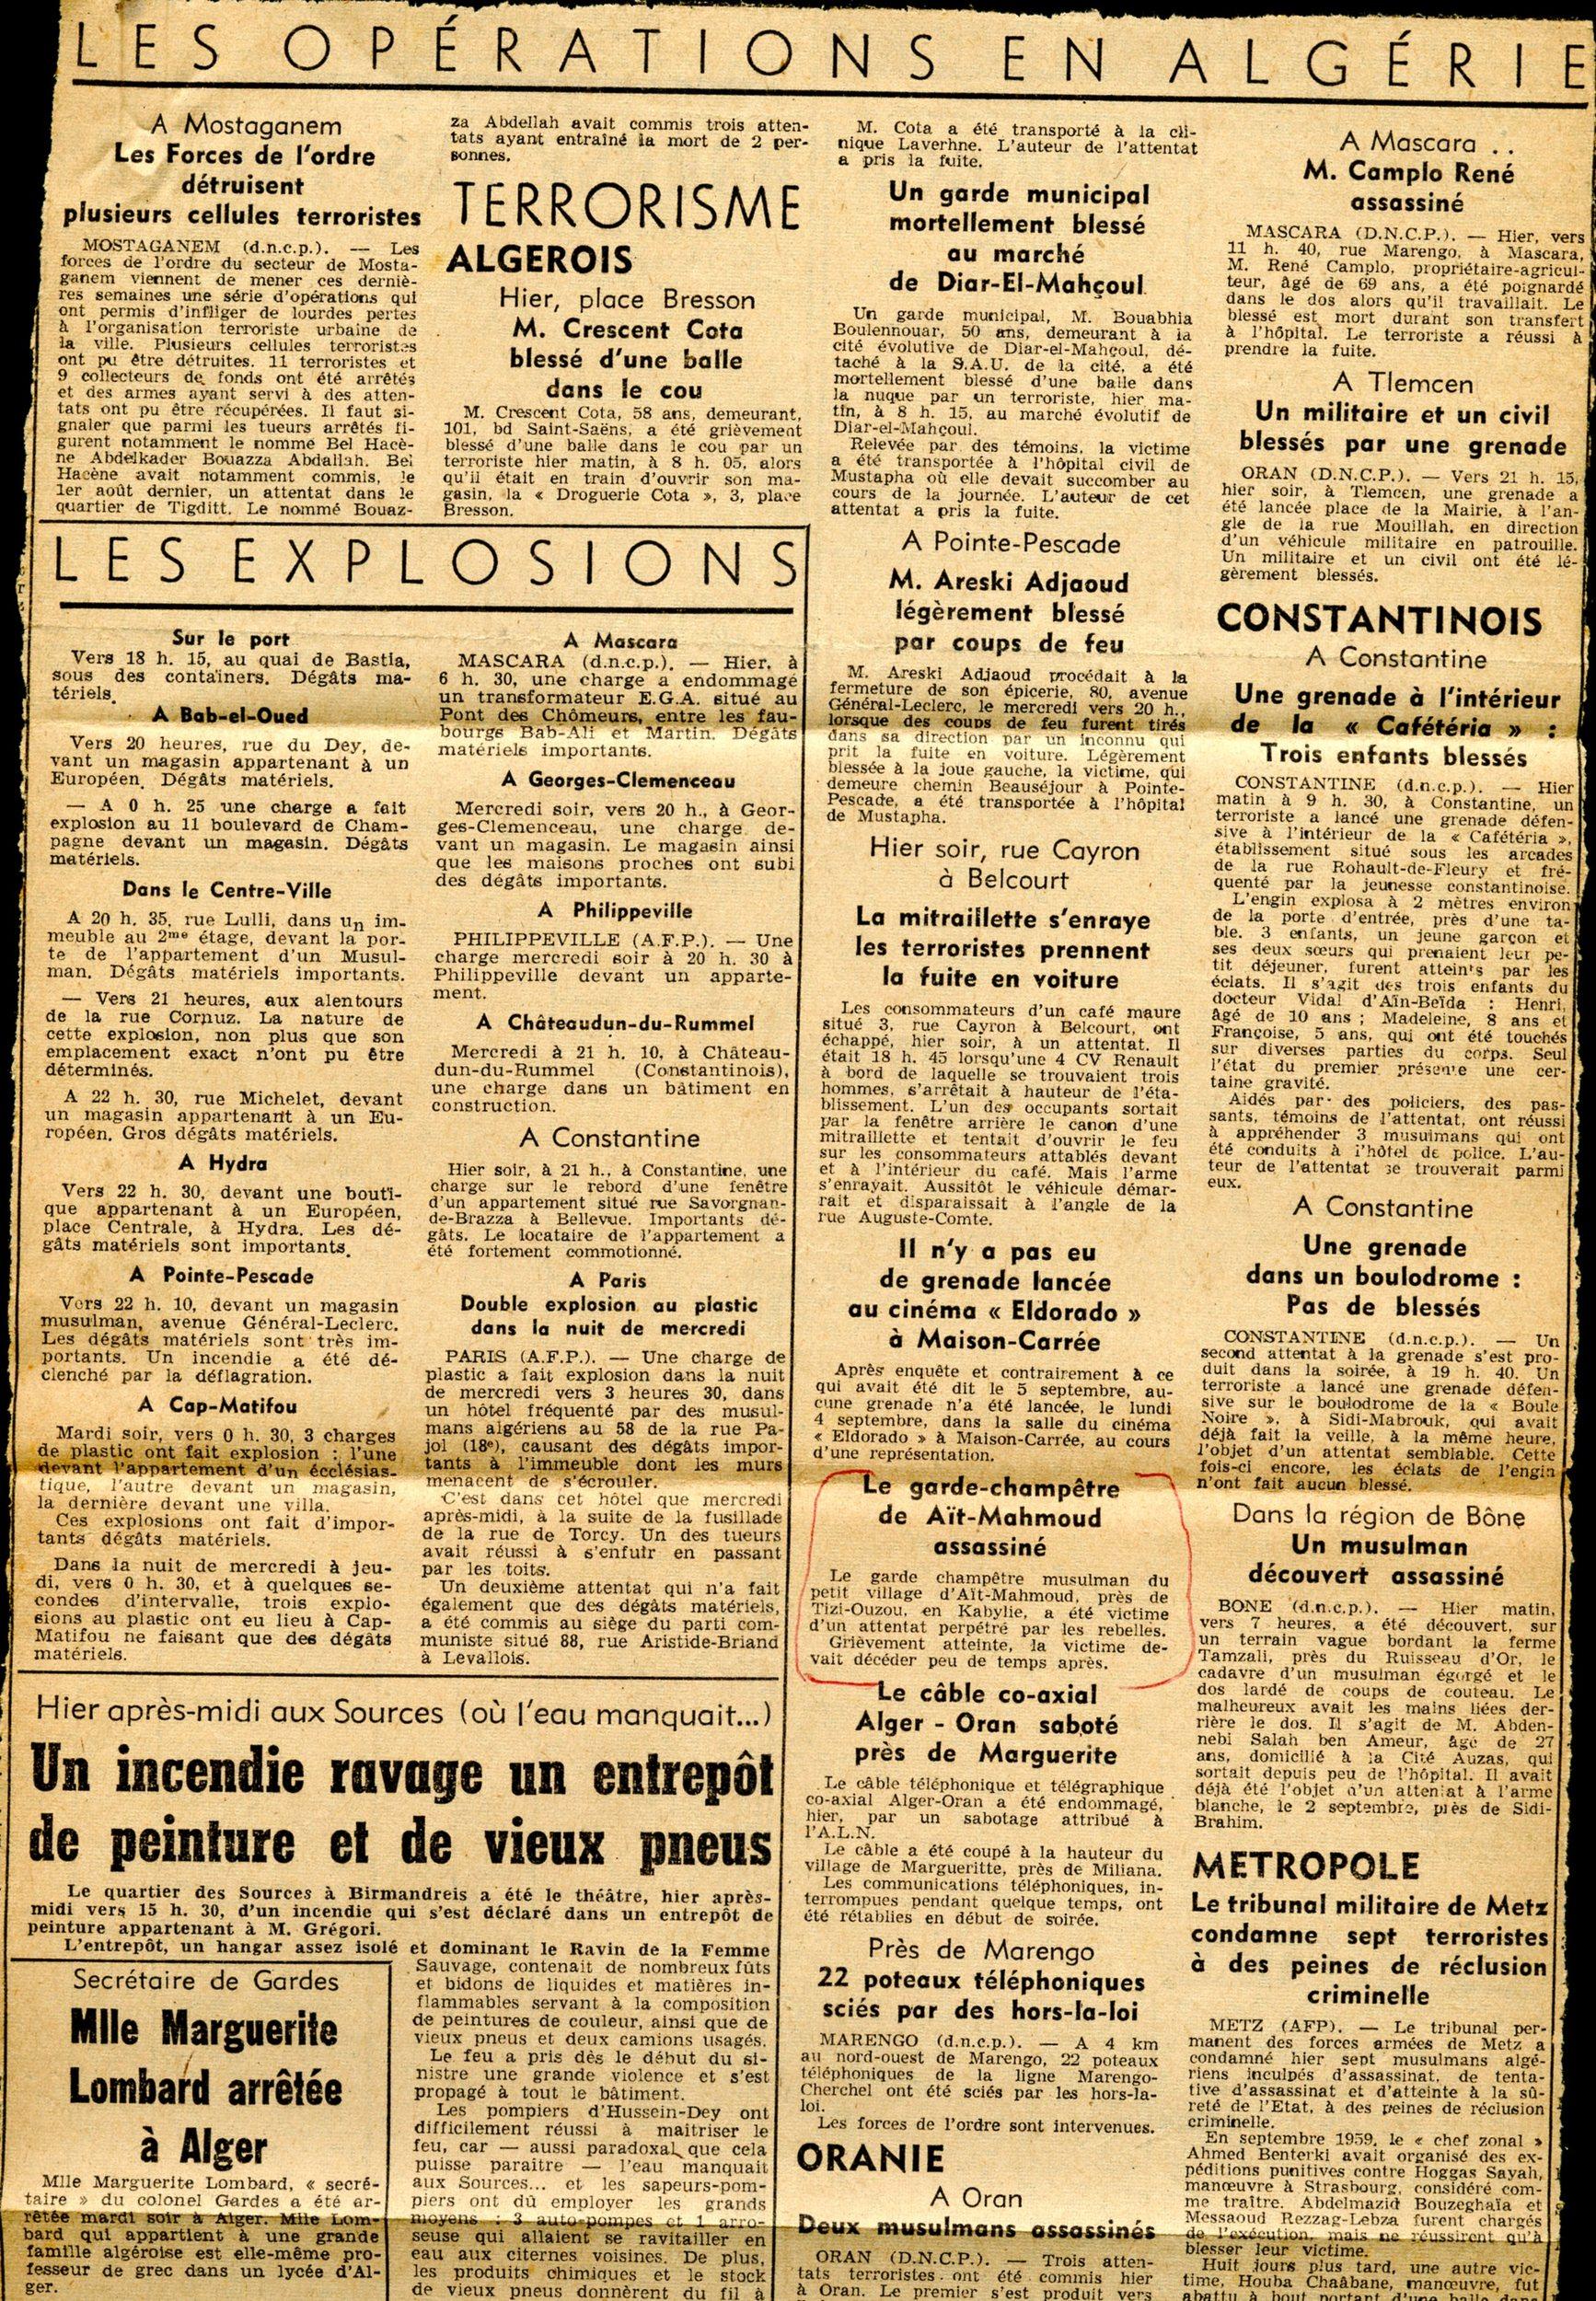 REC_MAN_JOUR22_journaux coupure2 entre f1 et f2.jpg